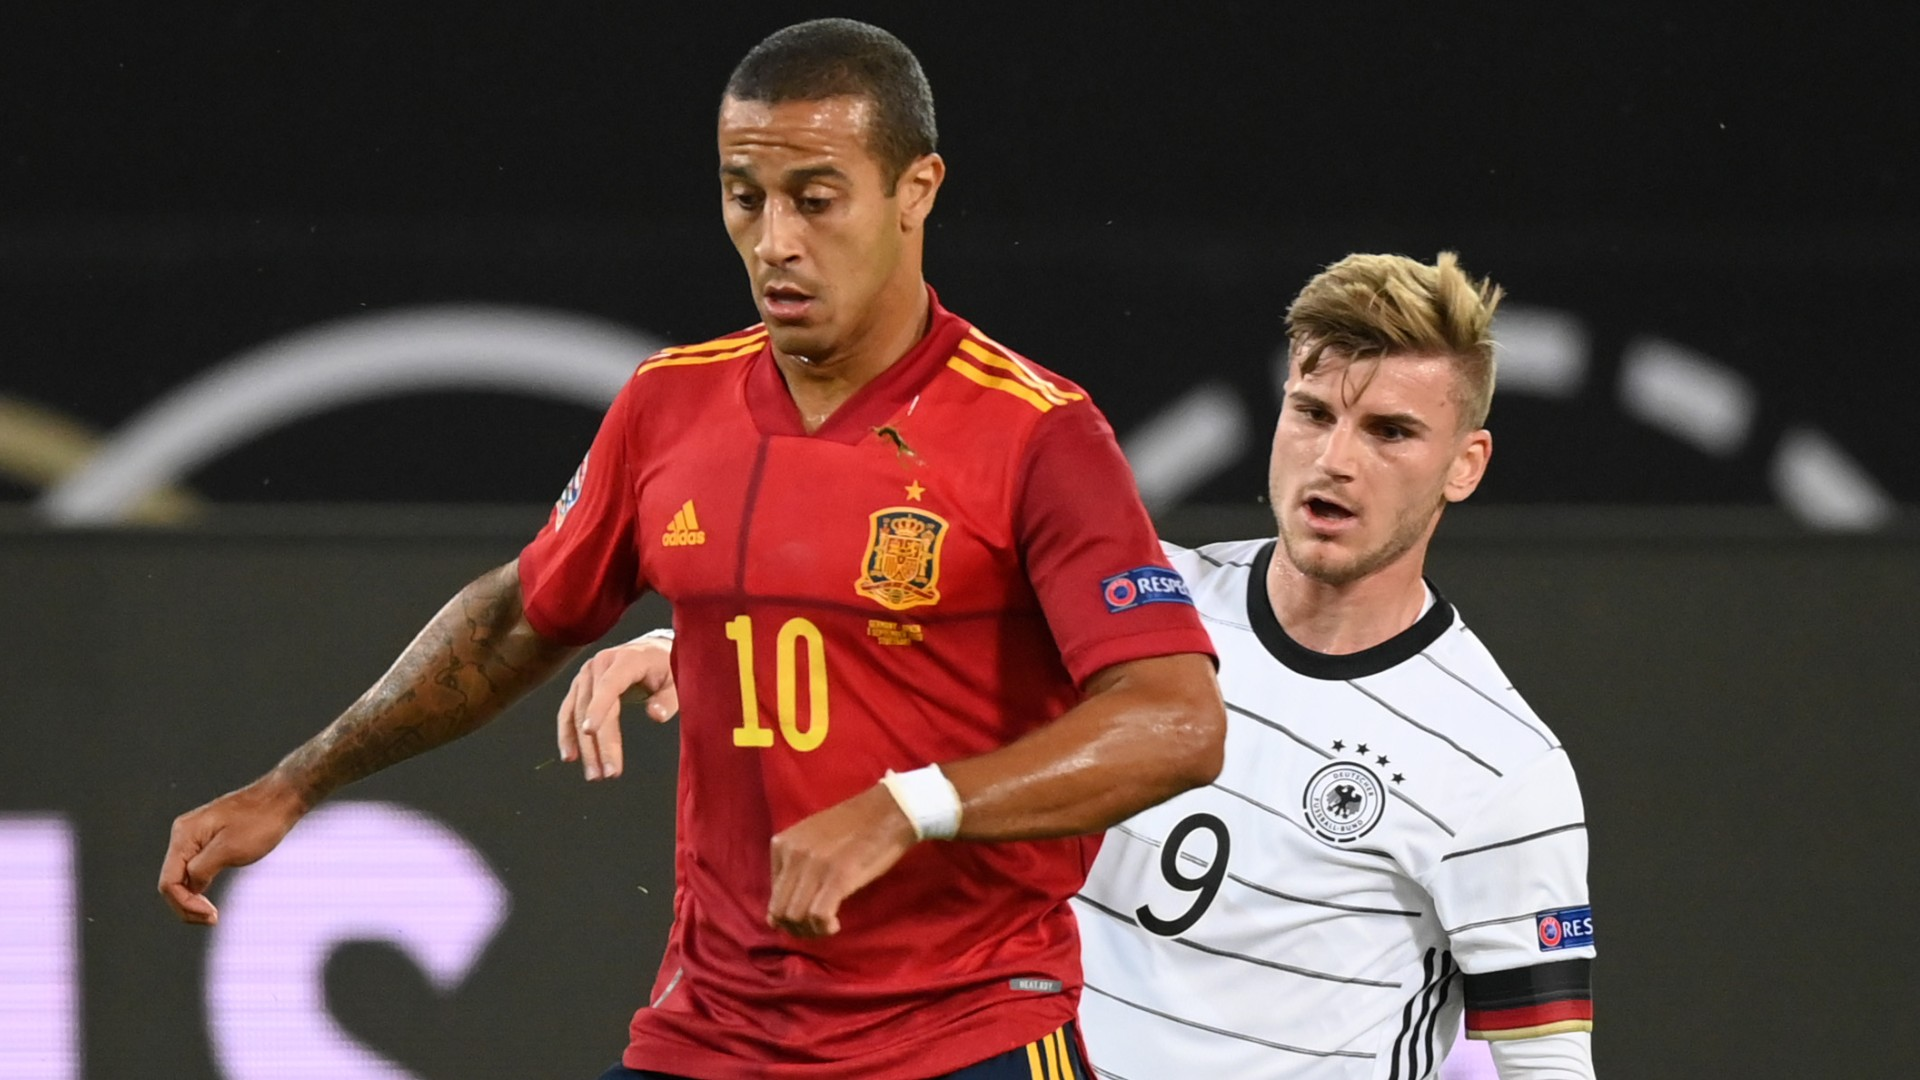 กายายิงเซฟ! สเปนไล่เจ๊าเยอรมันทดเจ็บ 1-1 ประเดิมเนชั่นส์ ลีก | Goal.com